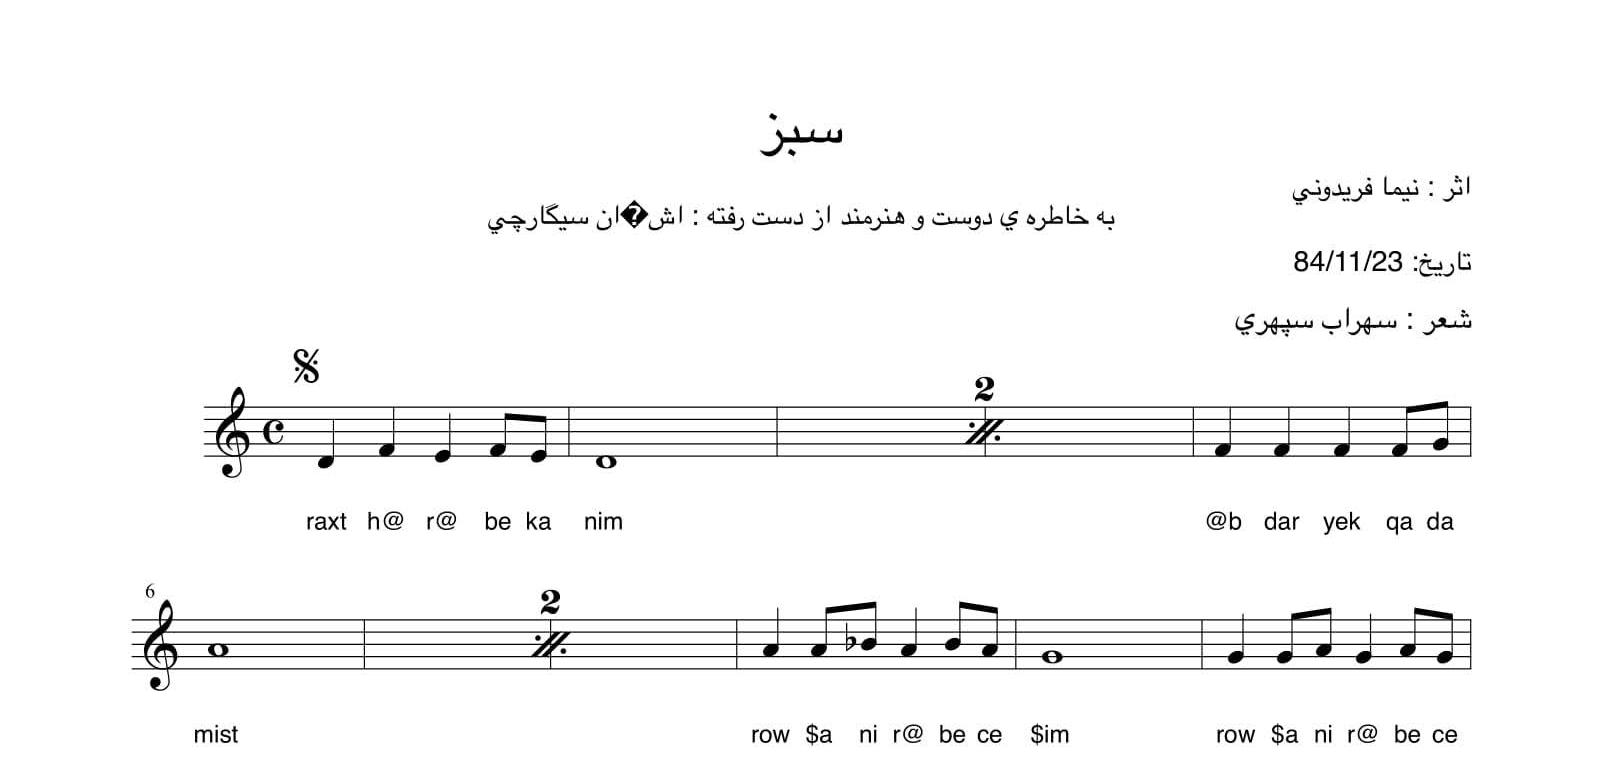 دانلود نت و آهنگ سبز (مقام دادوبیداد) نیما فریدونی اجرا گروه پنج و محمود صفیزاده